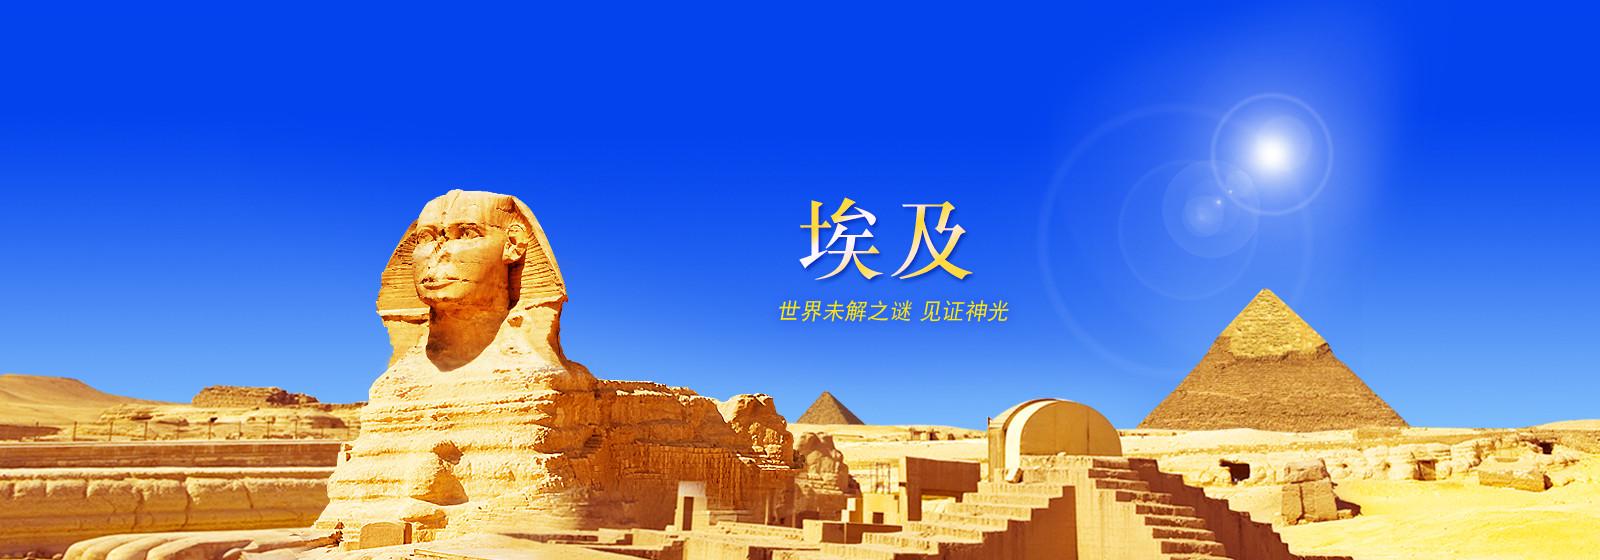 世界未解之谜-见证埃及神光